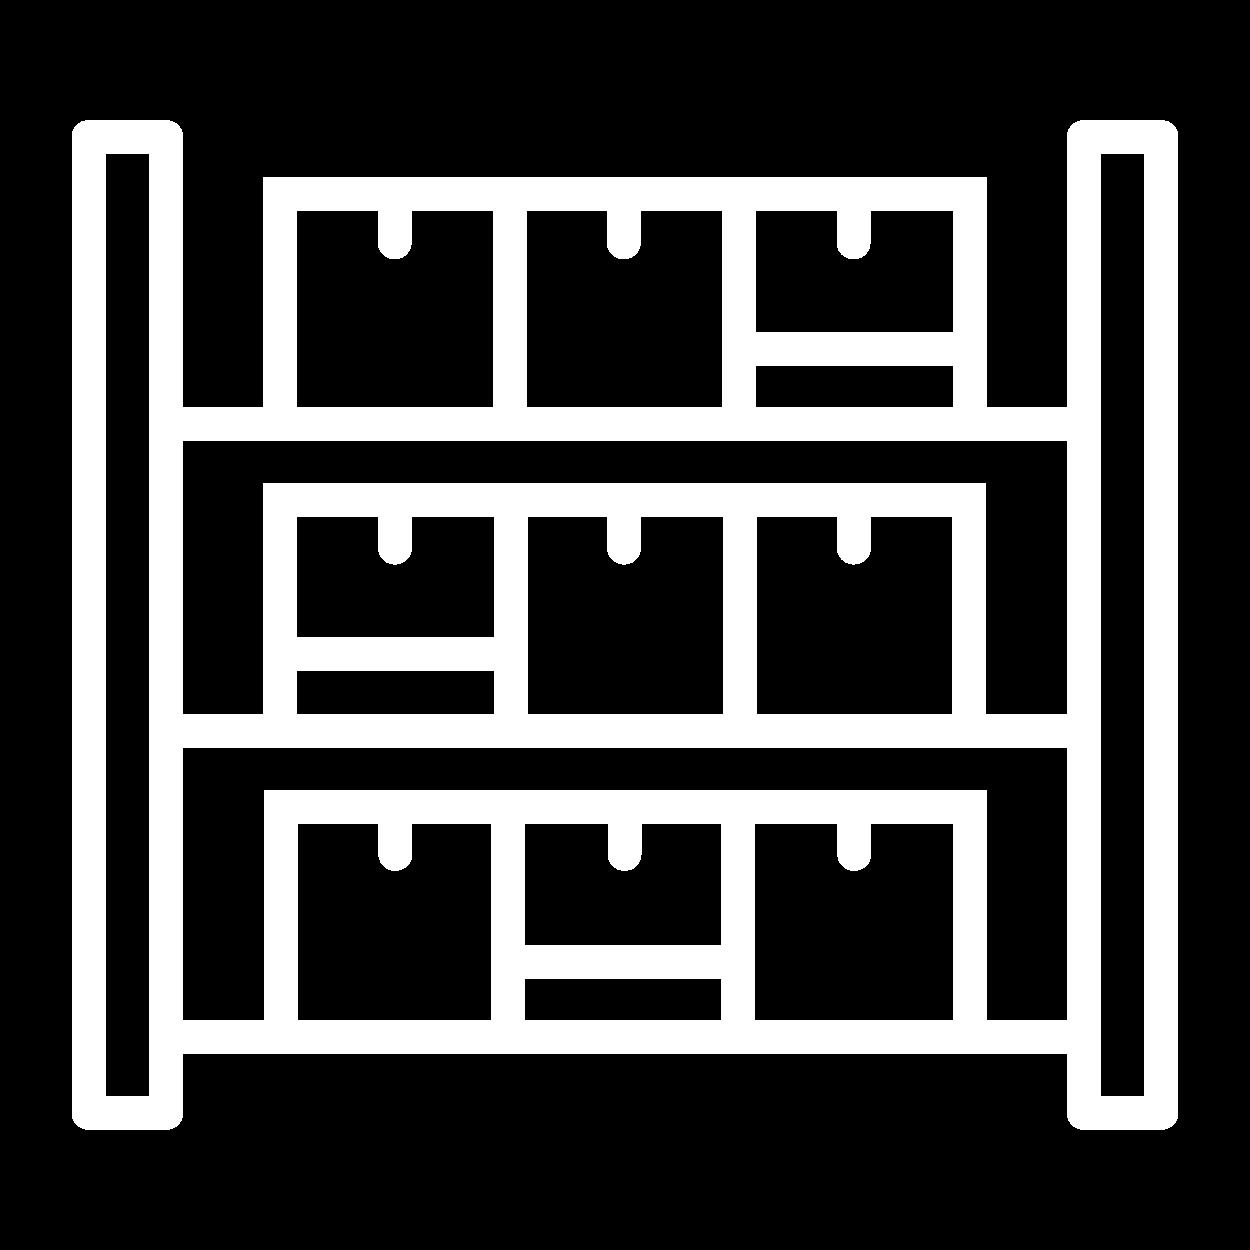 icone gestão de estoque